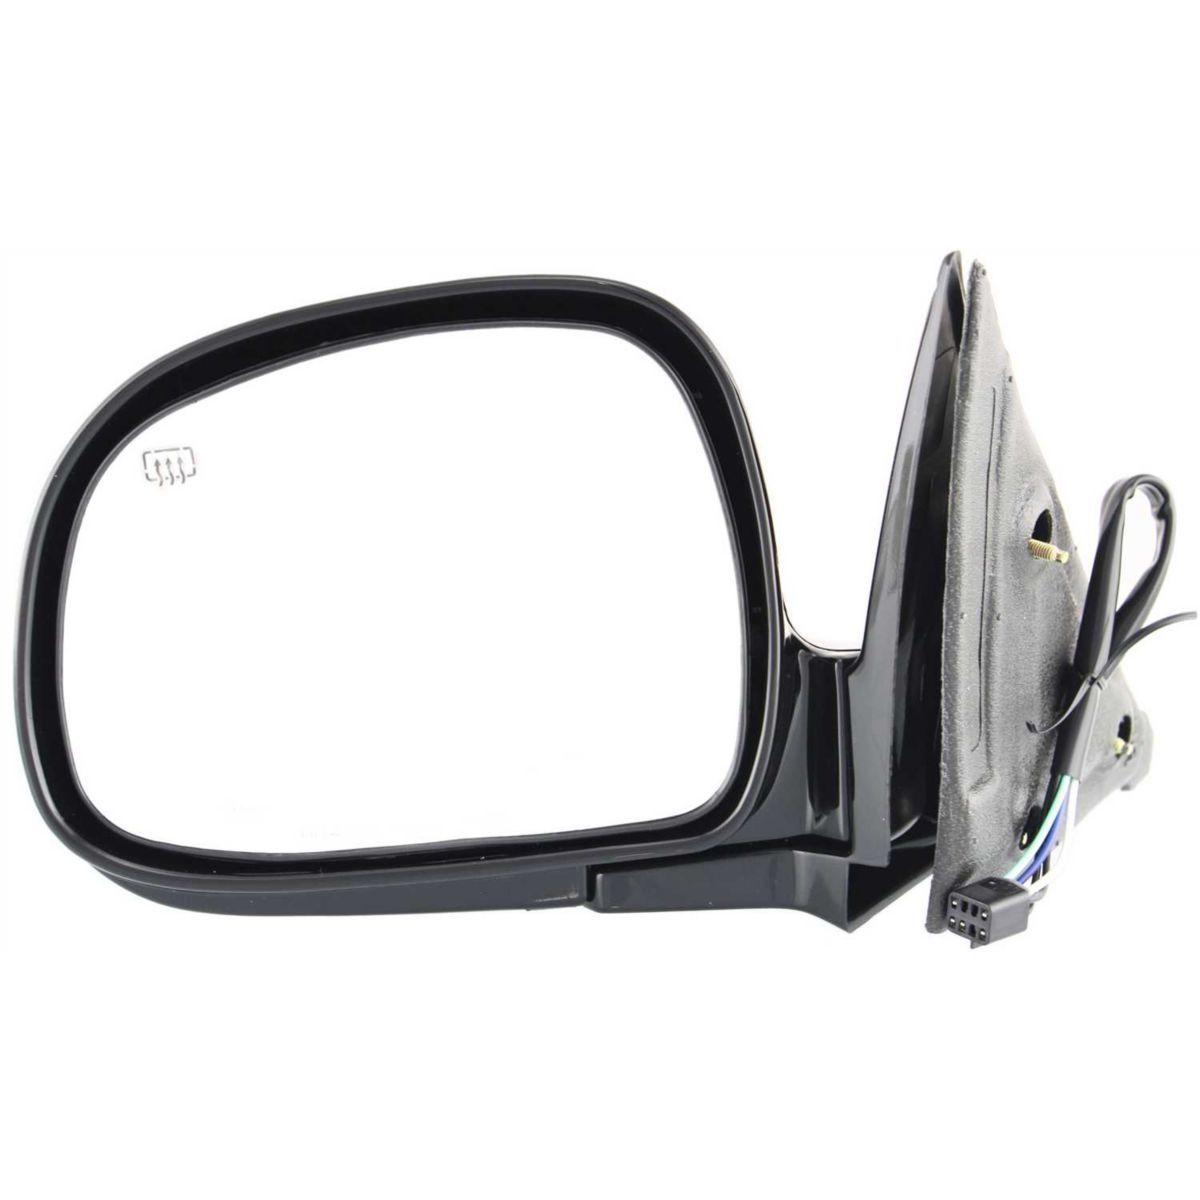 ミラー New GM1320171 Driver/Left Side Heated Door Mirror for Chevrolet Blazer 1998 Chevrolet Blazer 1998用の新しいGM1320171ドライバー/左サイドヒートドアミラー